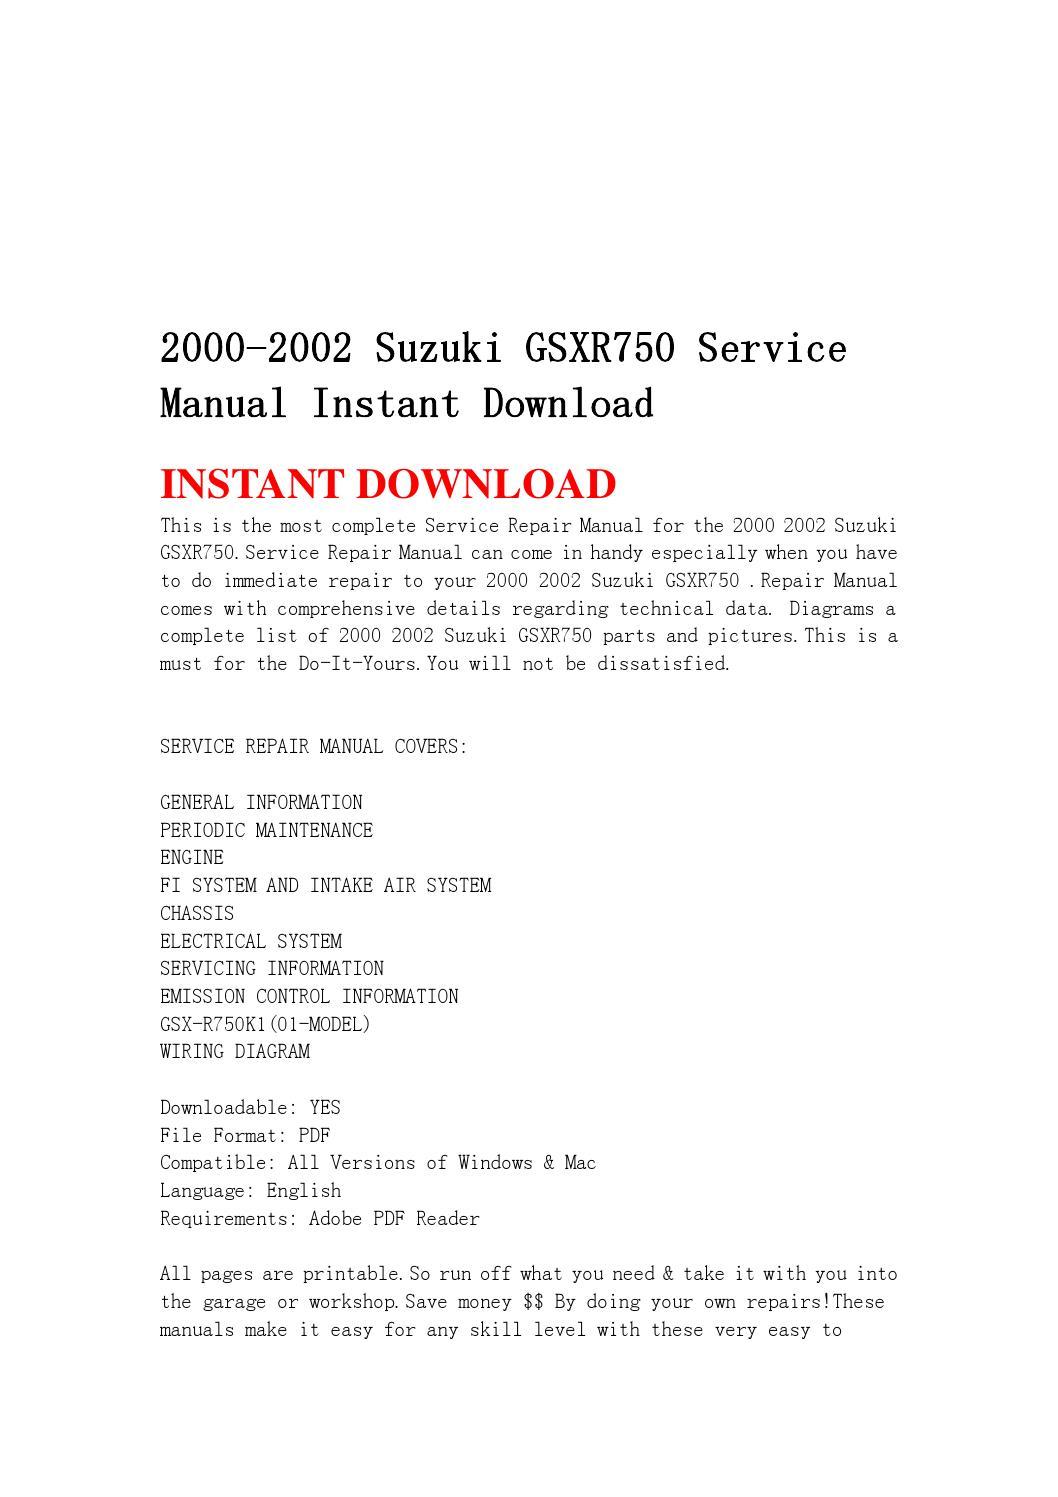 2000 2002 Suzuki Gsxr750 Service Manual Instant Download